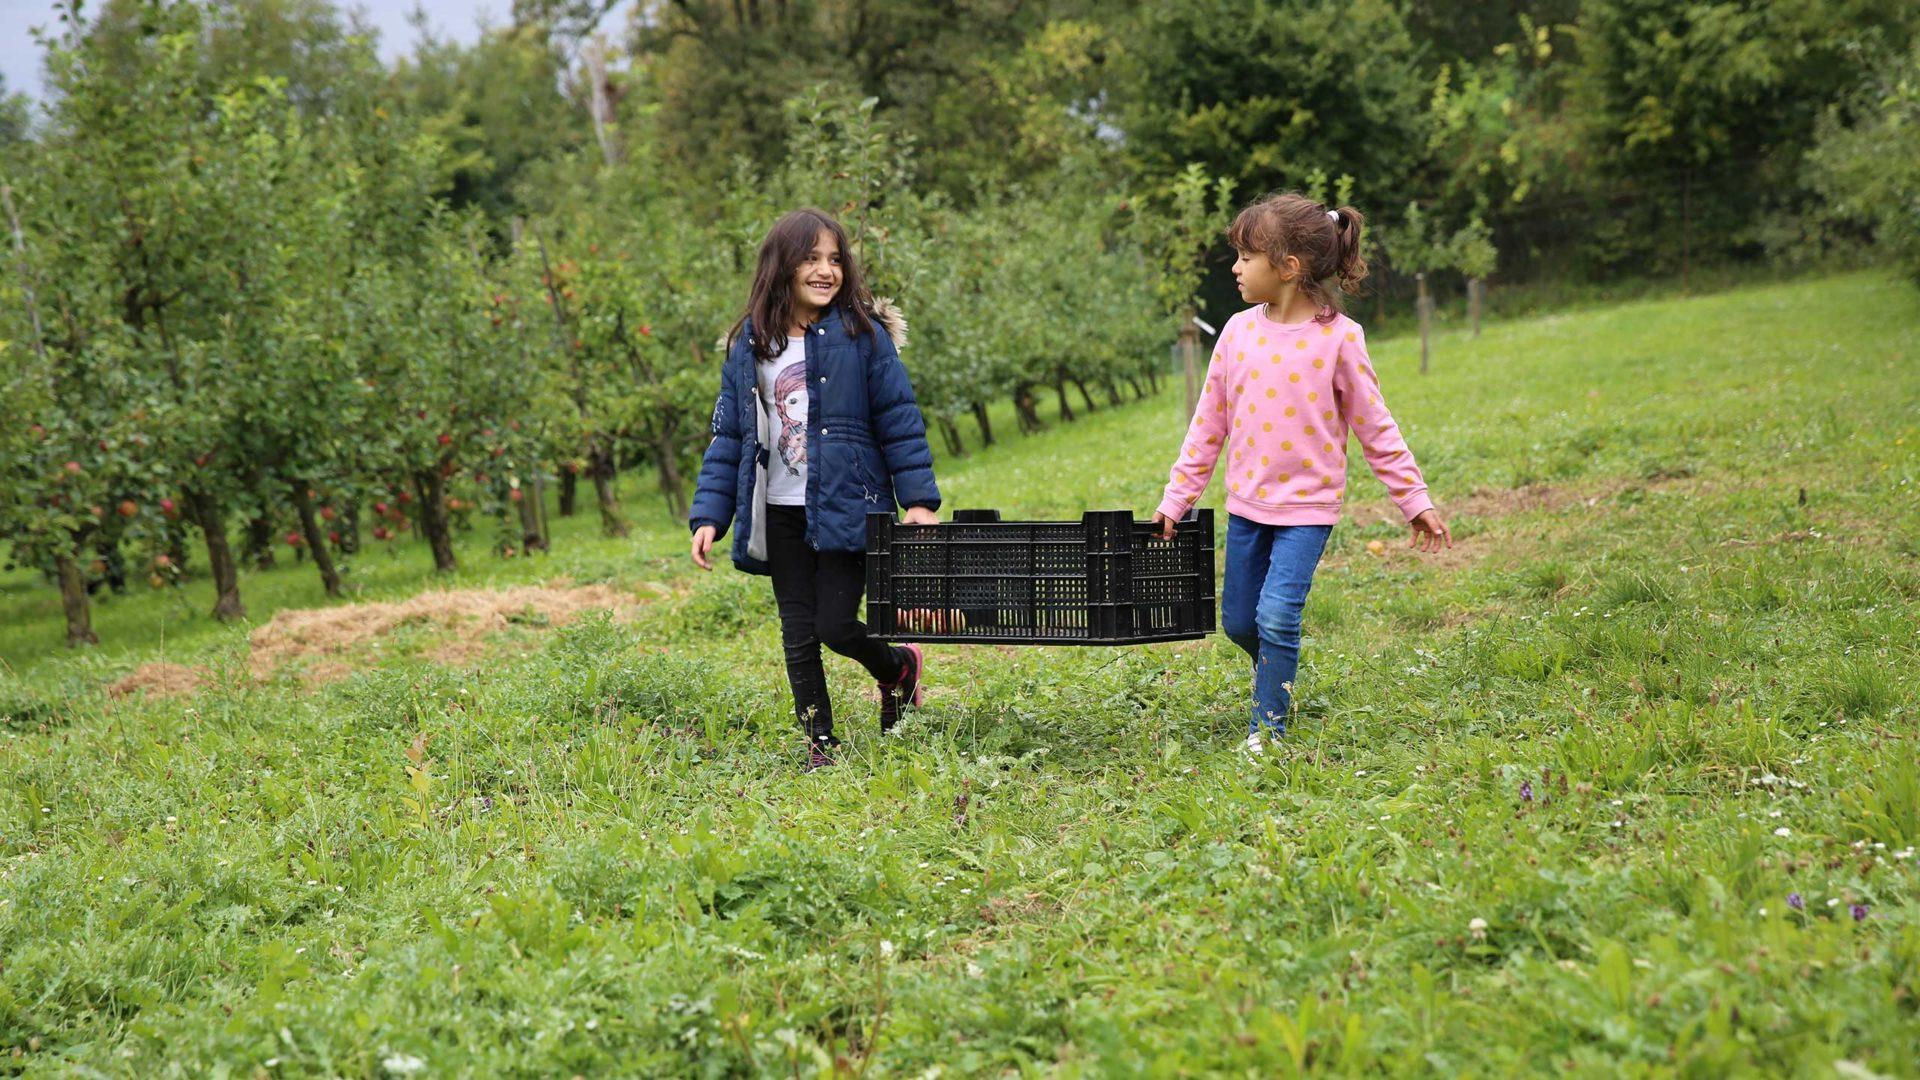 Zwei fleißige Apfelpflücker laufen mit einer Kiste über die Wiese.